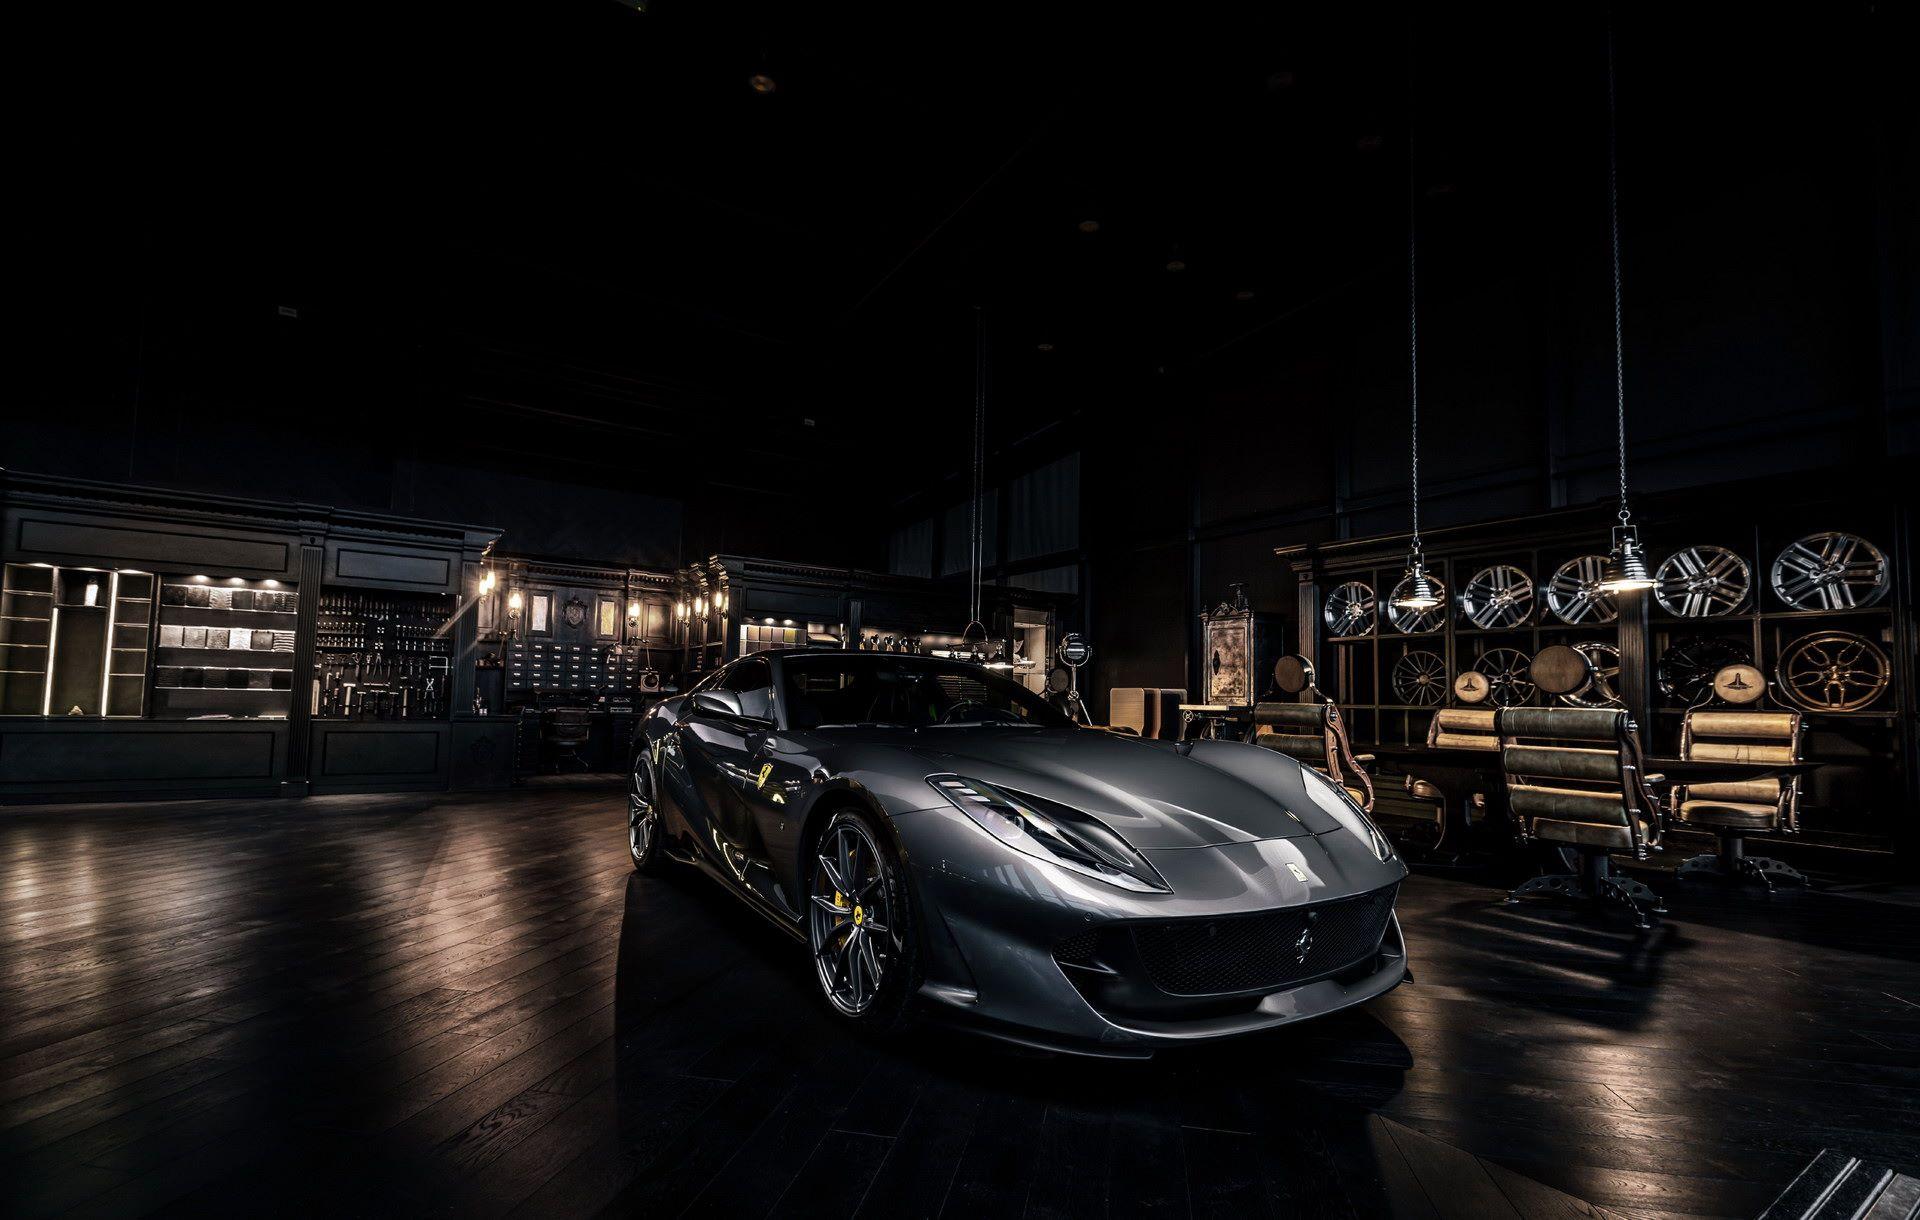 Ferrari-812-Superfast-by-Carlex-Design-1